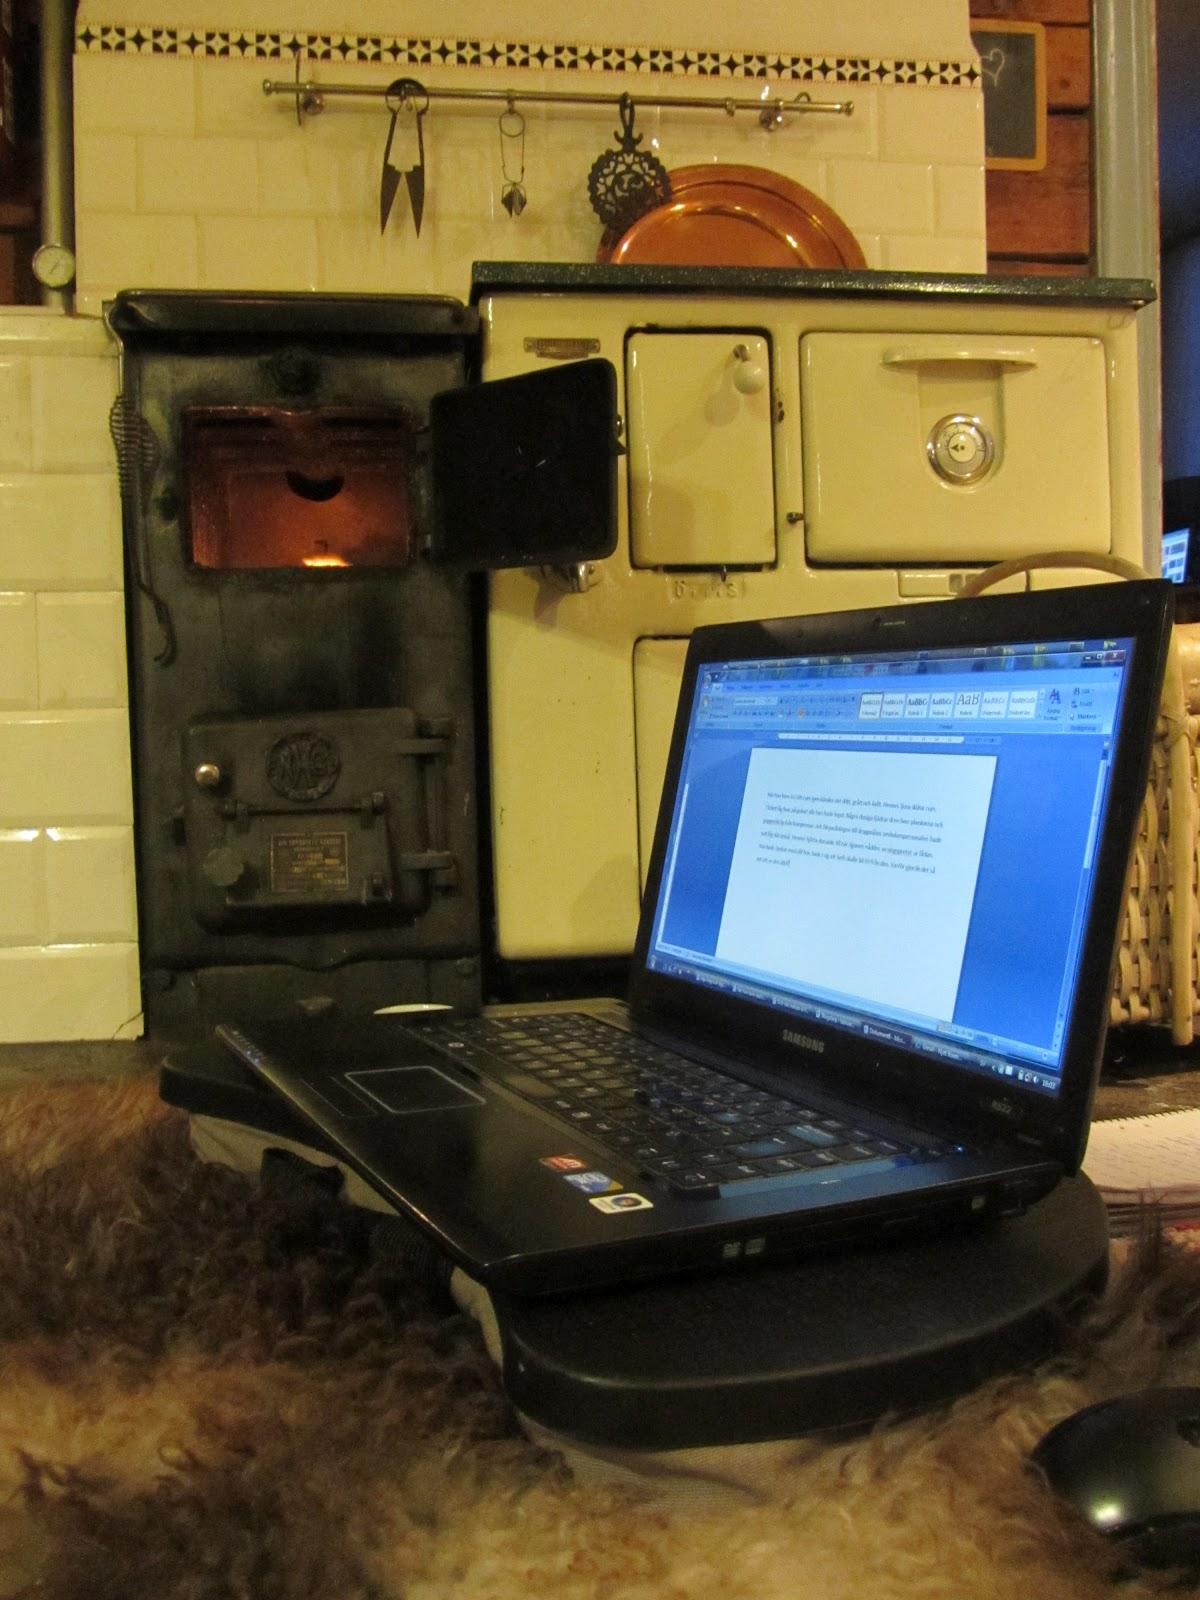 Skrivet om skrivandet